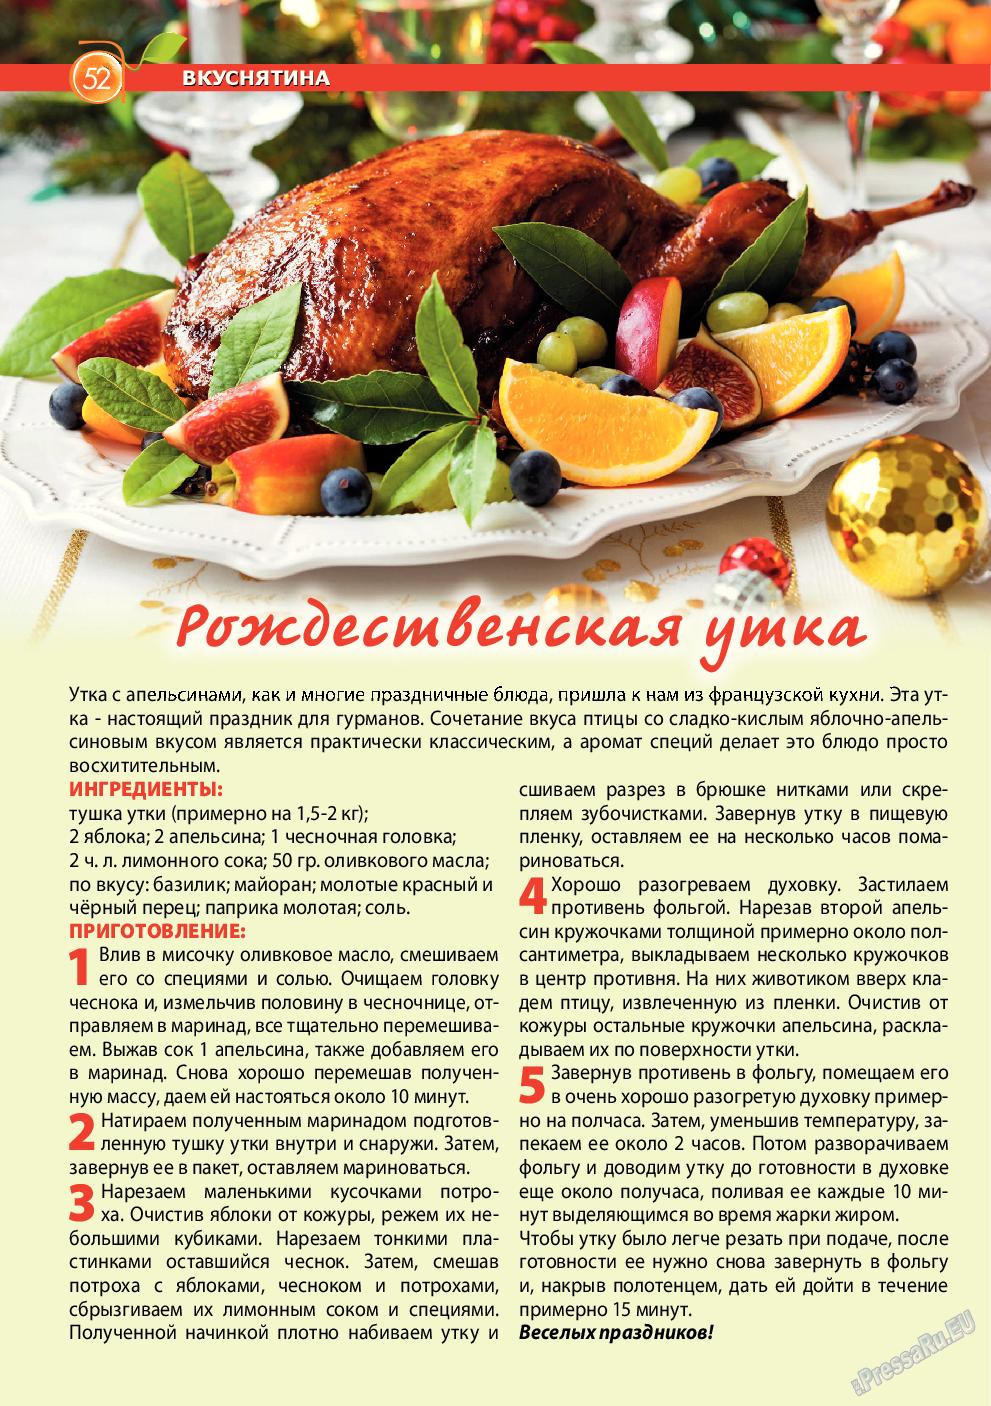 Апельсин (журнал). 2014 год, номер 65, стр. 52